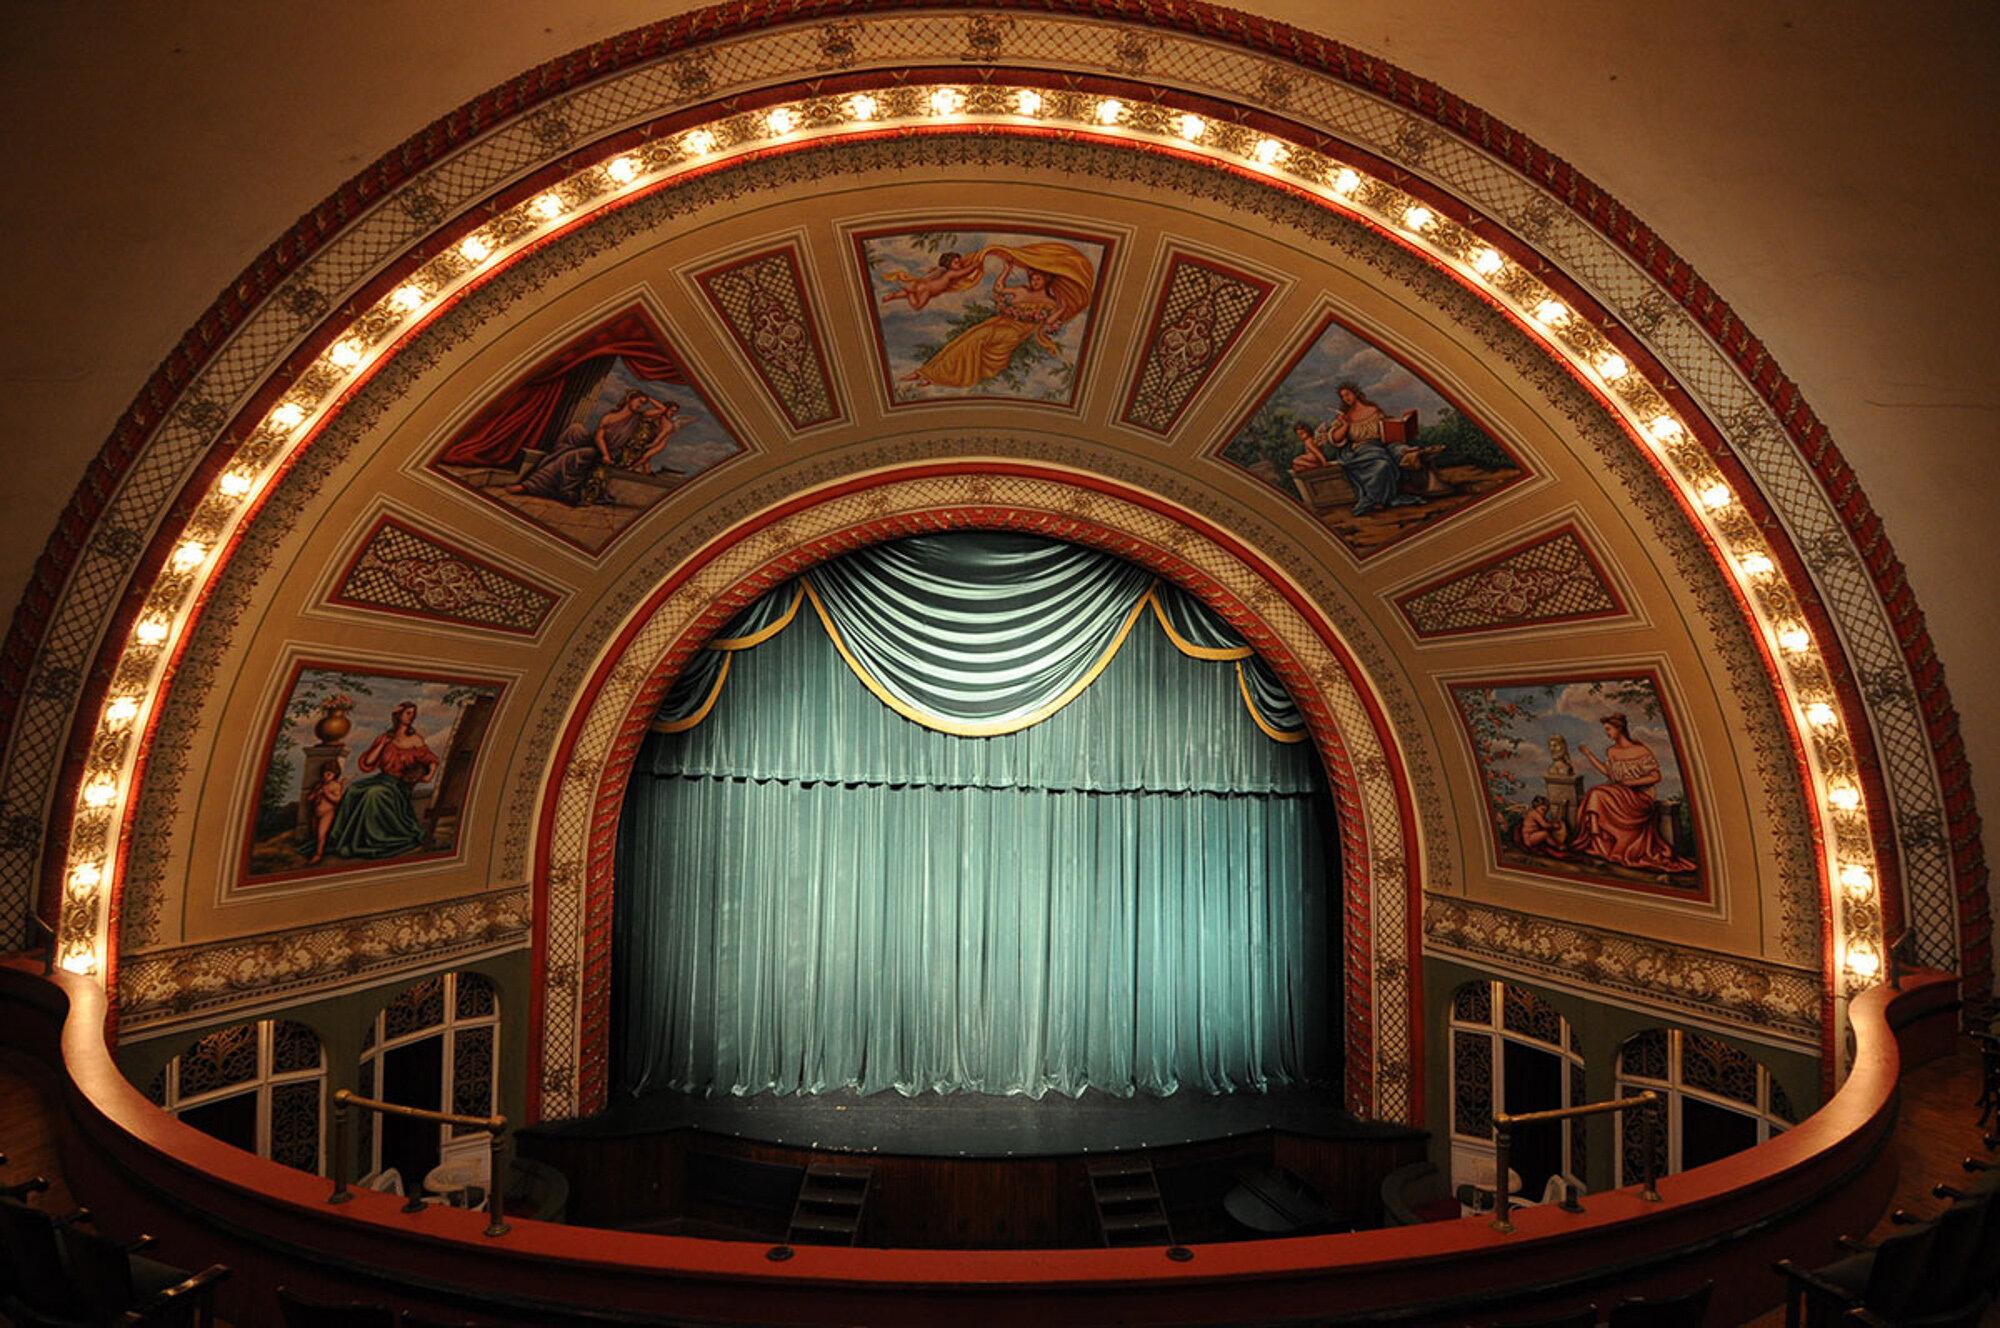 1900 : Calumet Theatre Opens, First Municipally Built Theater